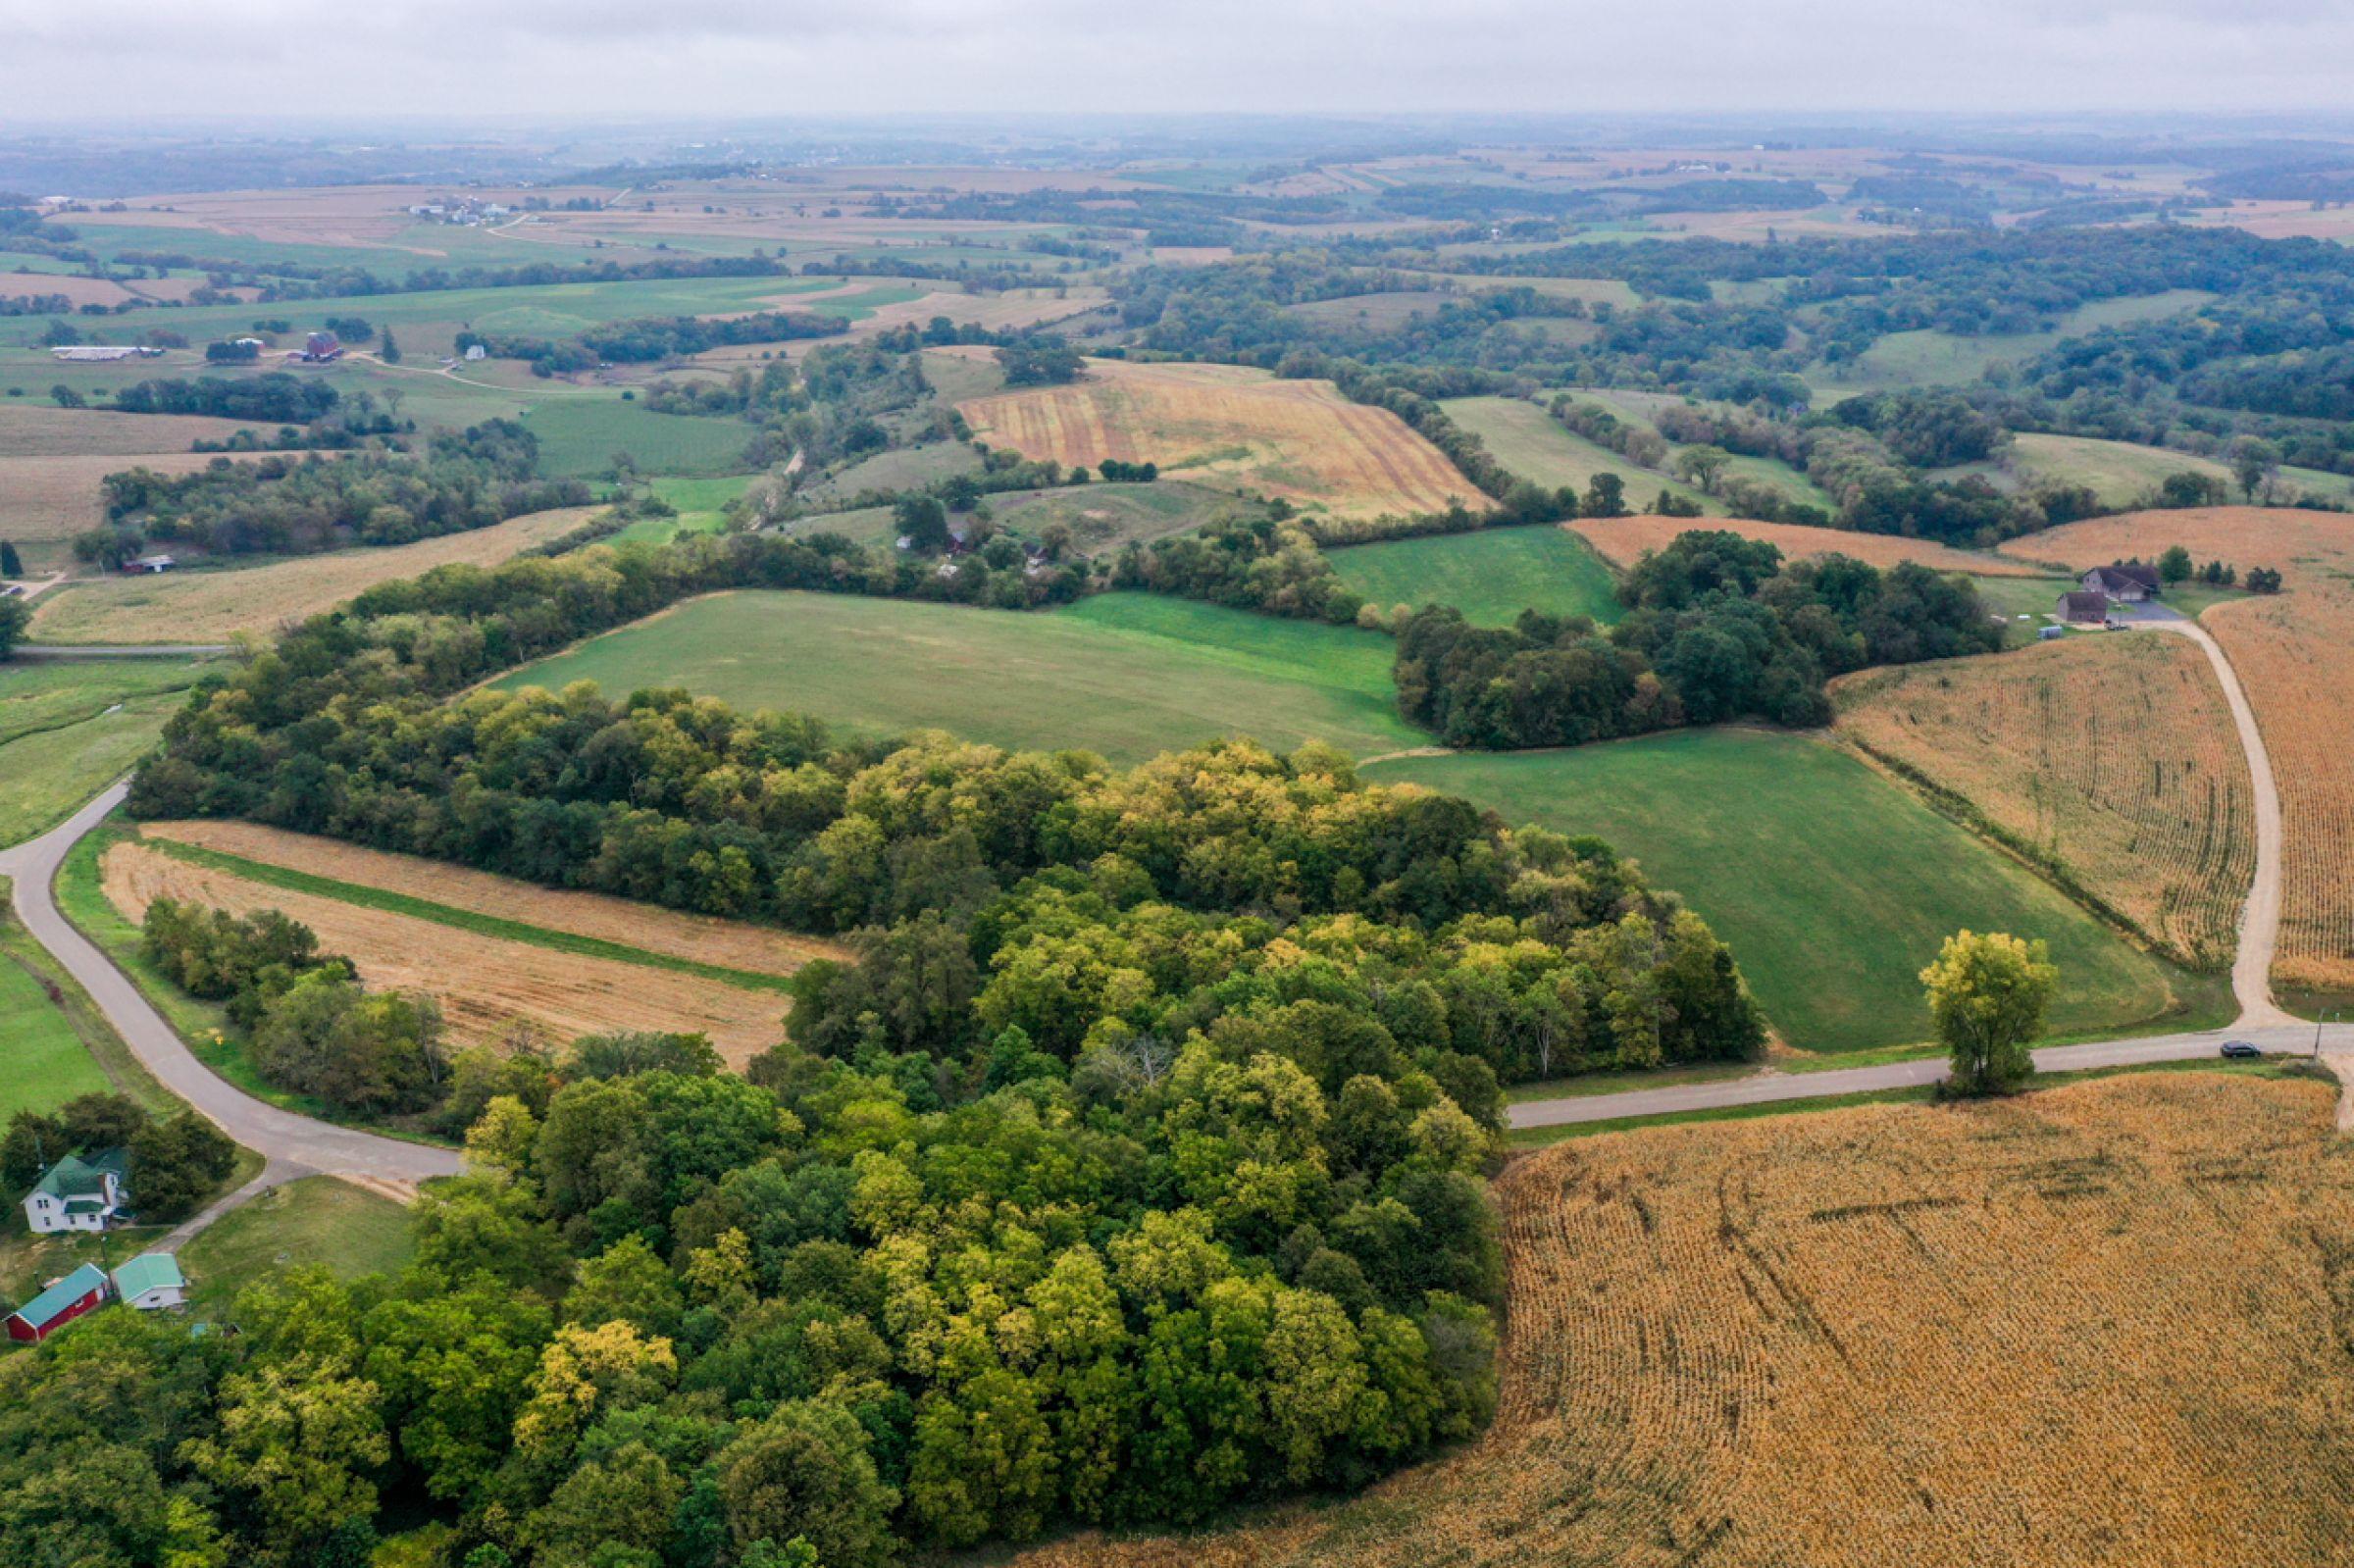 3-3320-apple-grove-church-road-argyle-53504-8-2021-09-21-154630.jpg